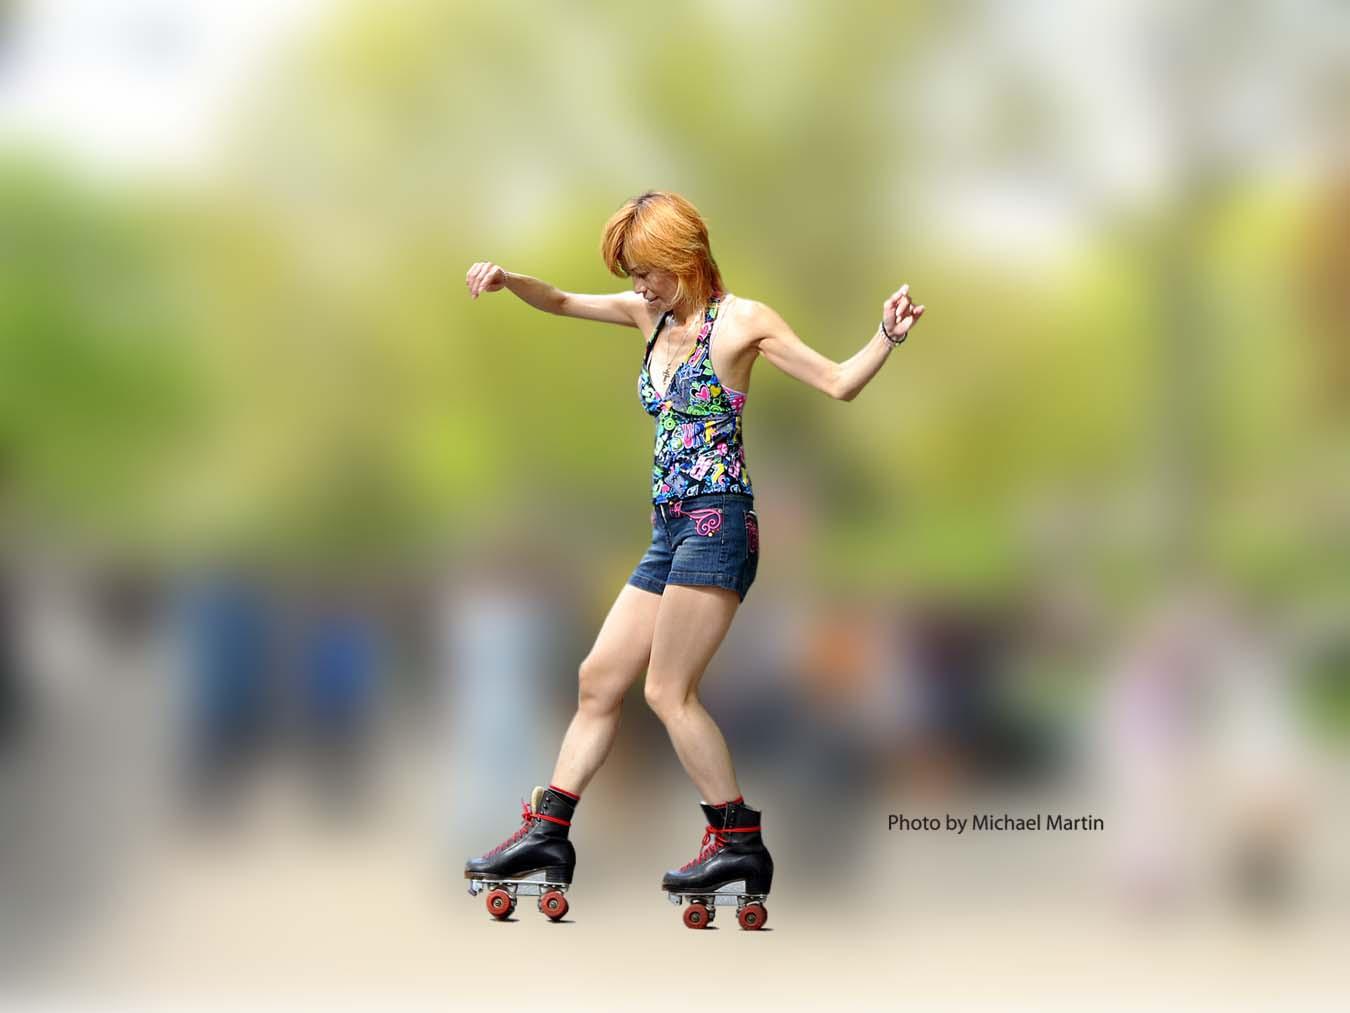 Roller skates dance - Roller Skates Dance 31